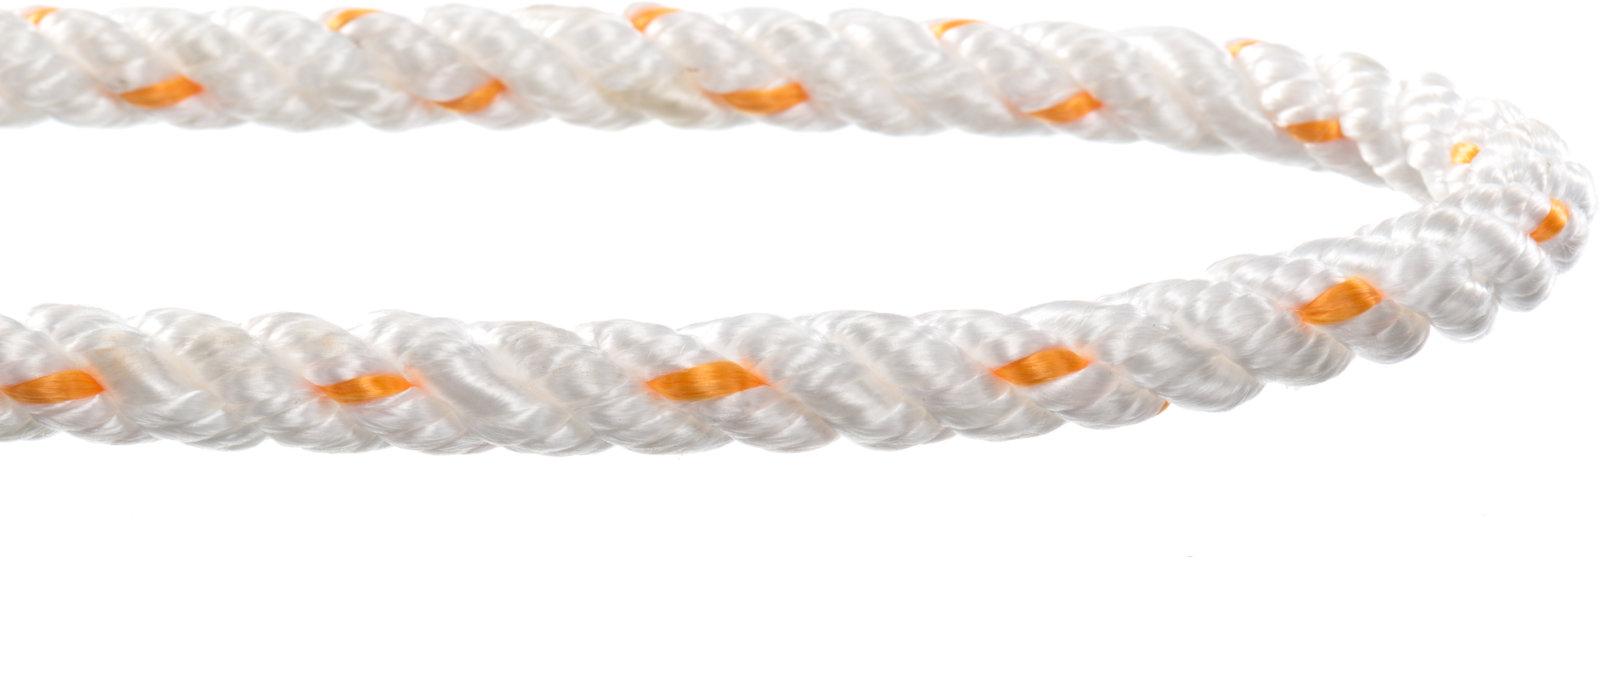 Polypropylene 3 Strand Multi Filament